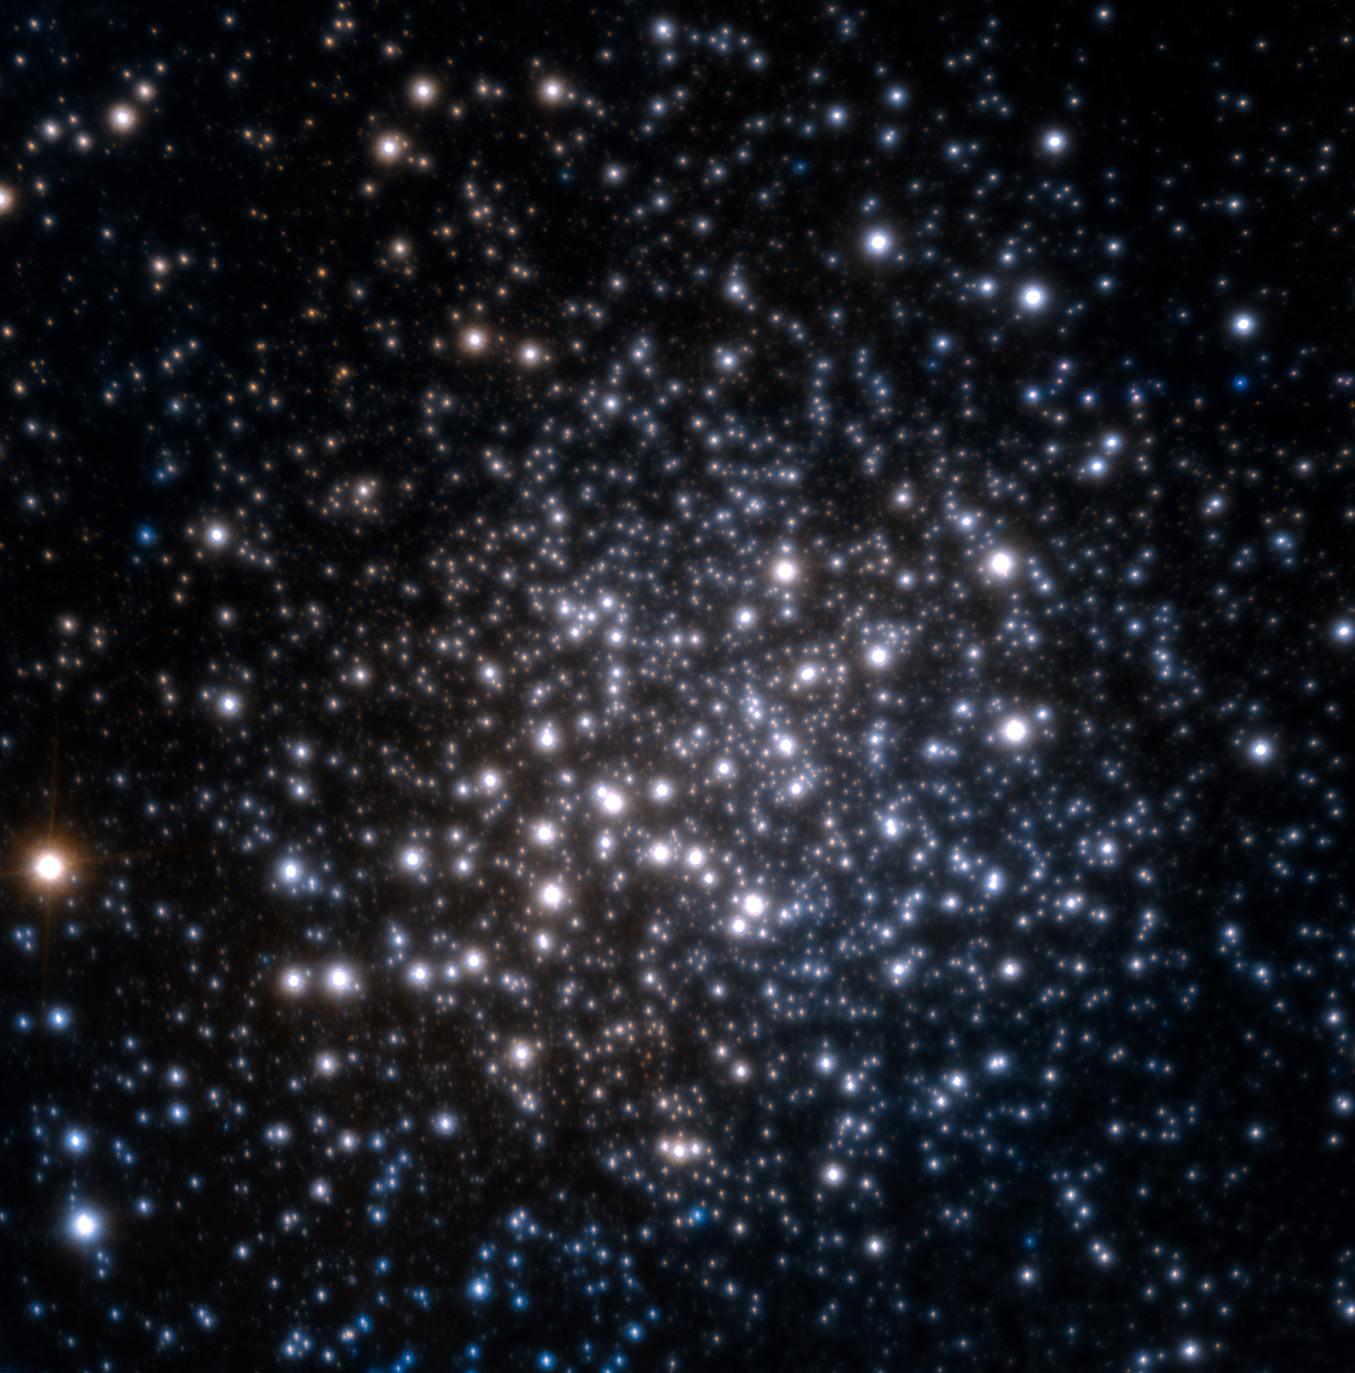 filethe star cluster terzan 5jpg wikimedia commons